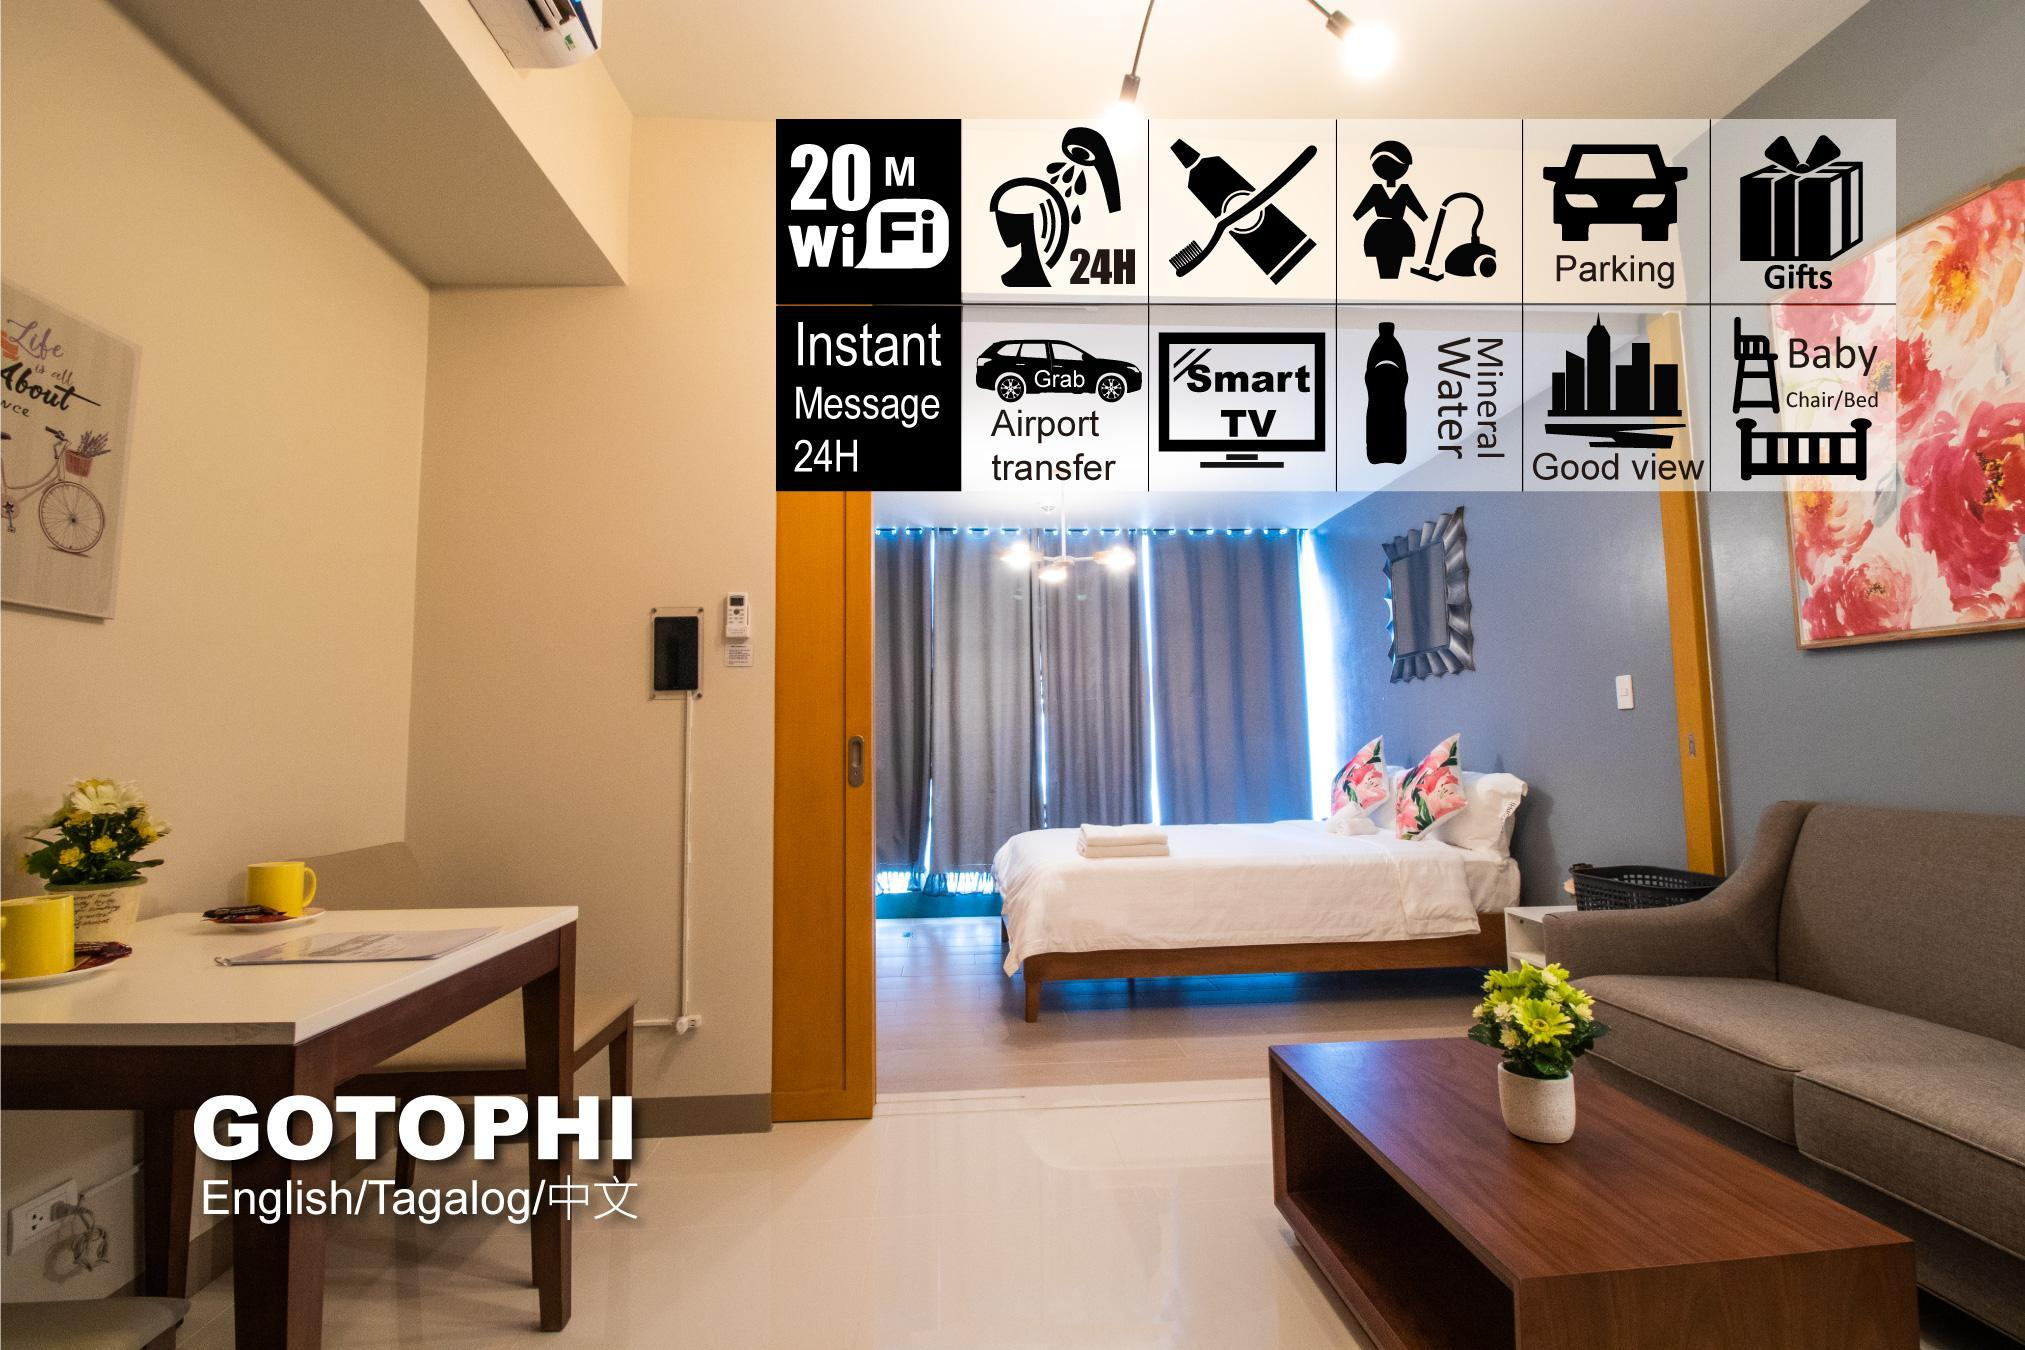 One Uptown Residence BGC Gotophi 5Star Hotel 21K